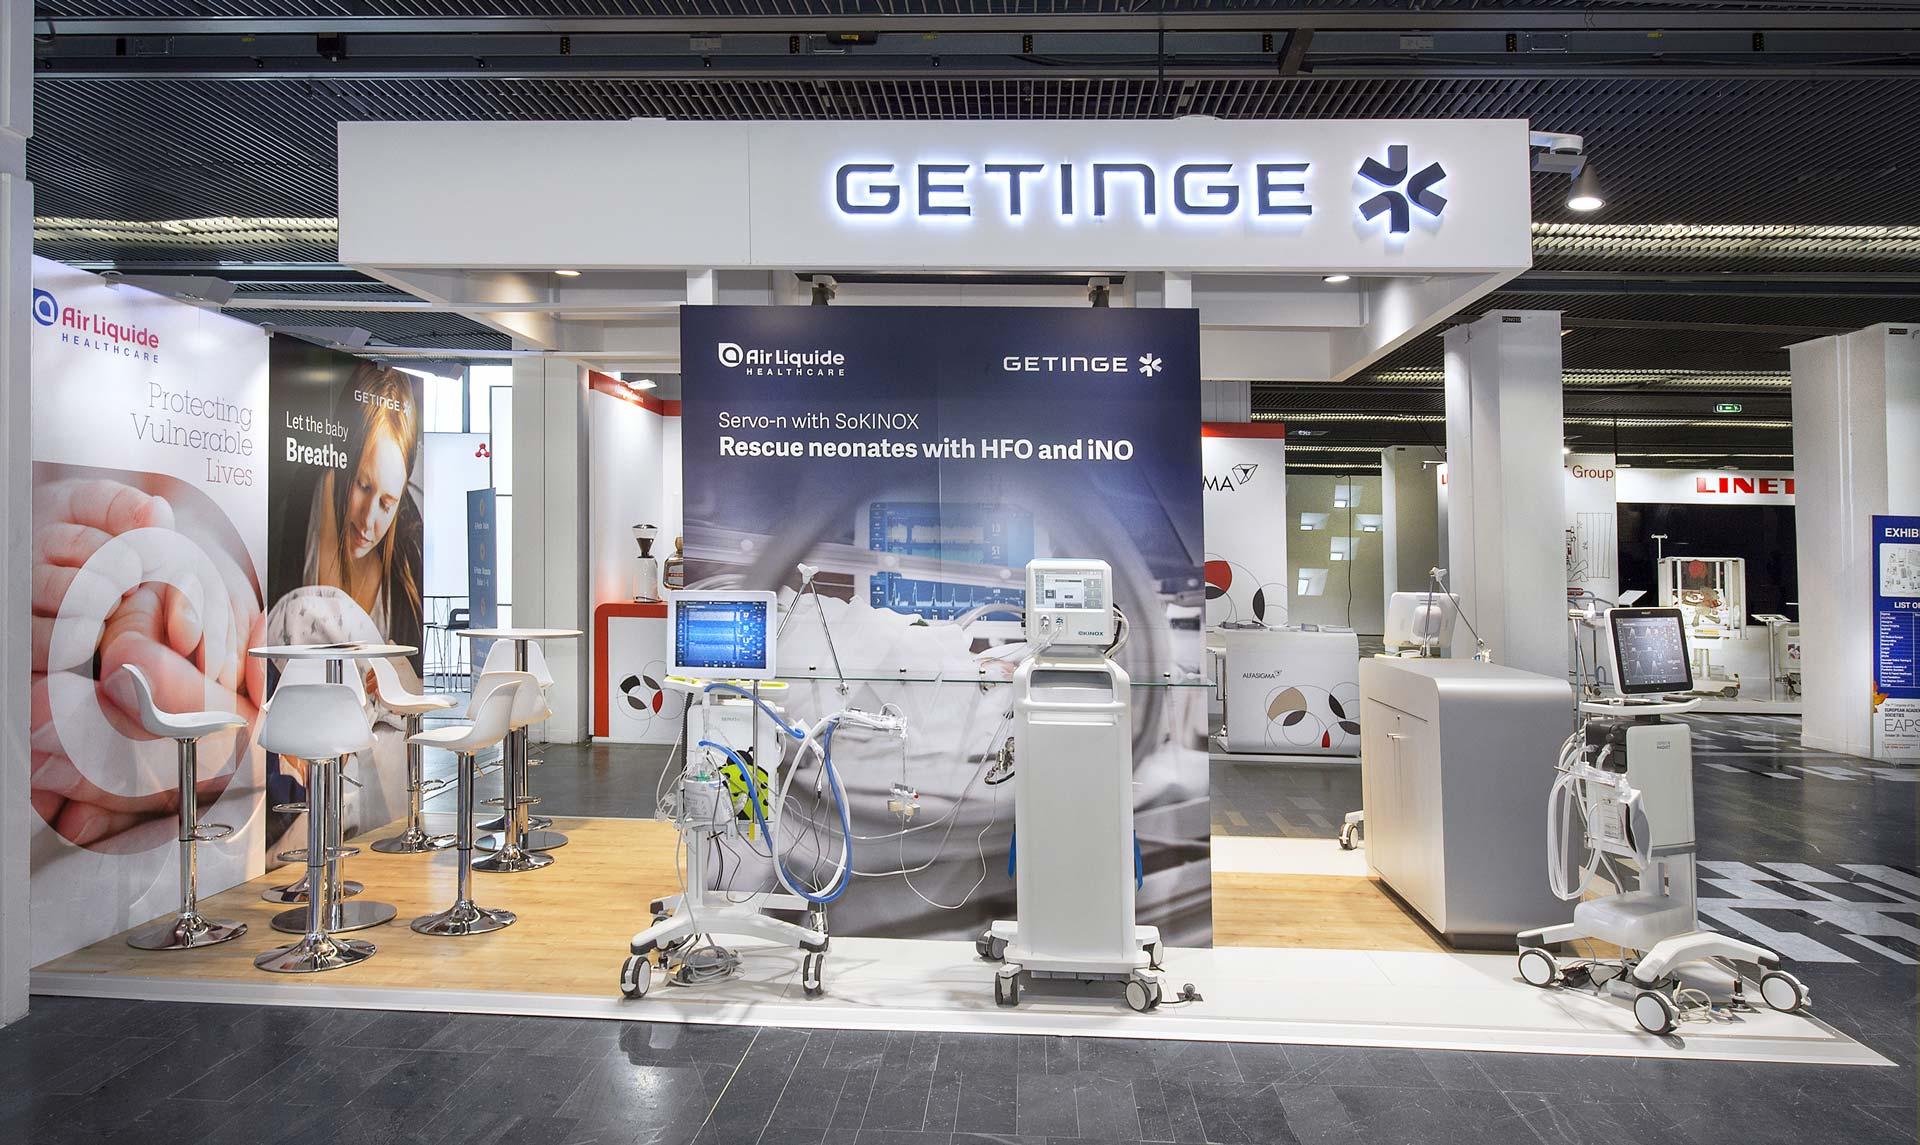 Fabrication du stand Getinge pour le salon EAPS 2018